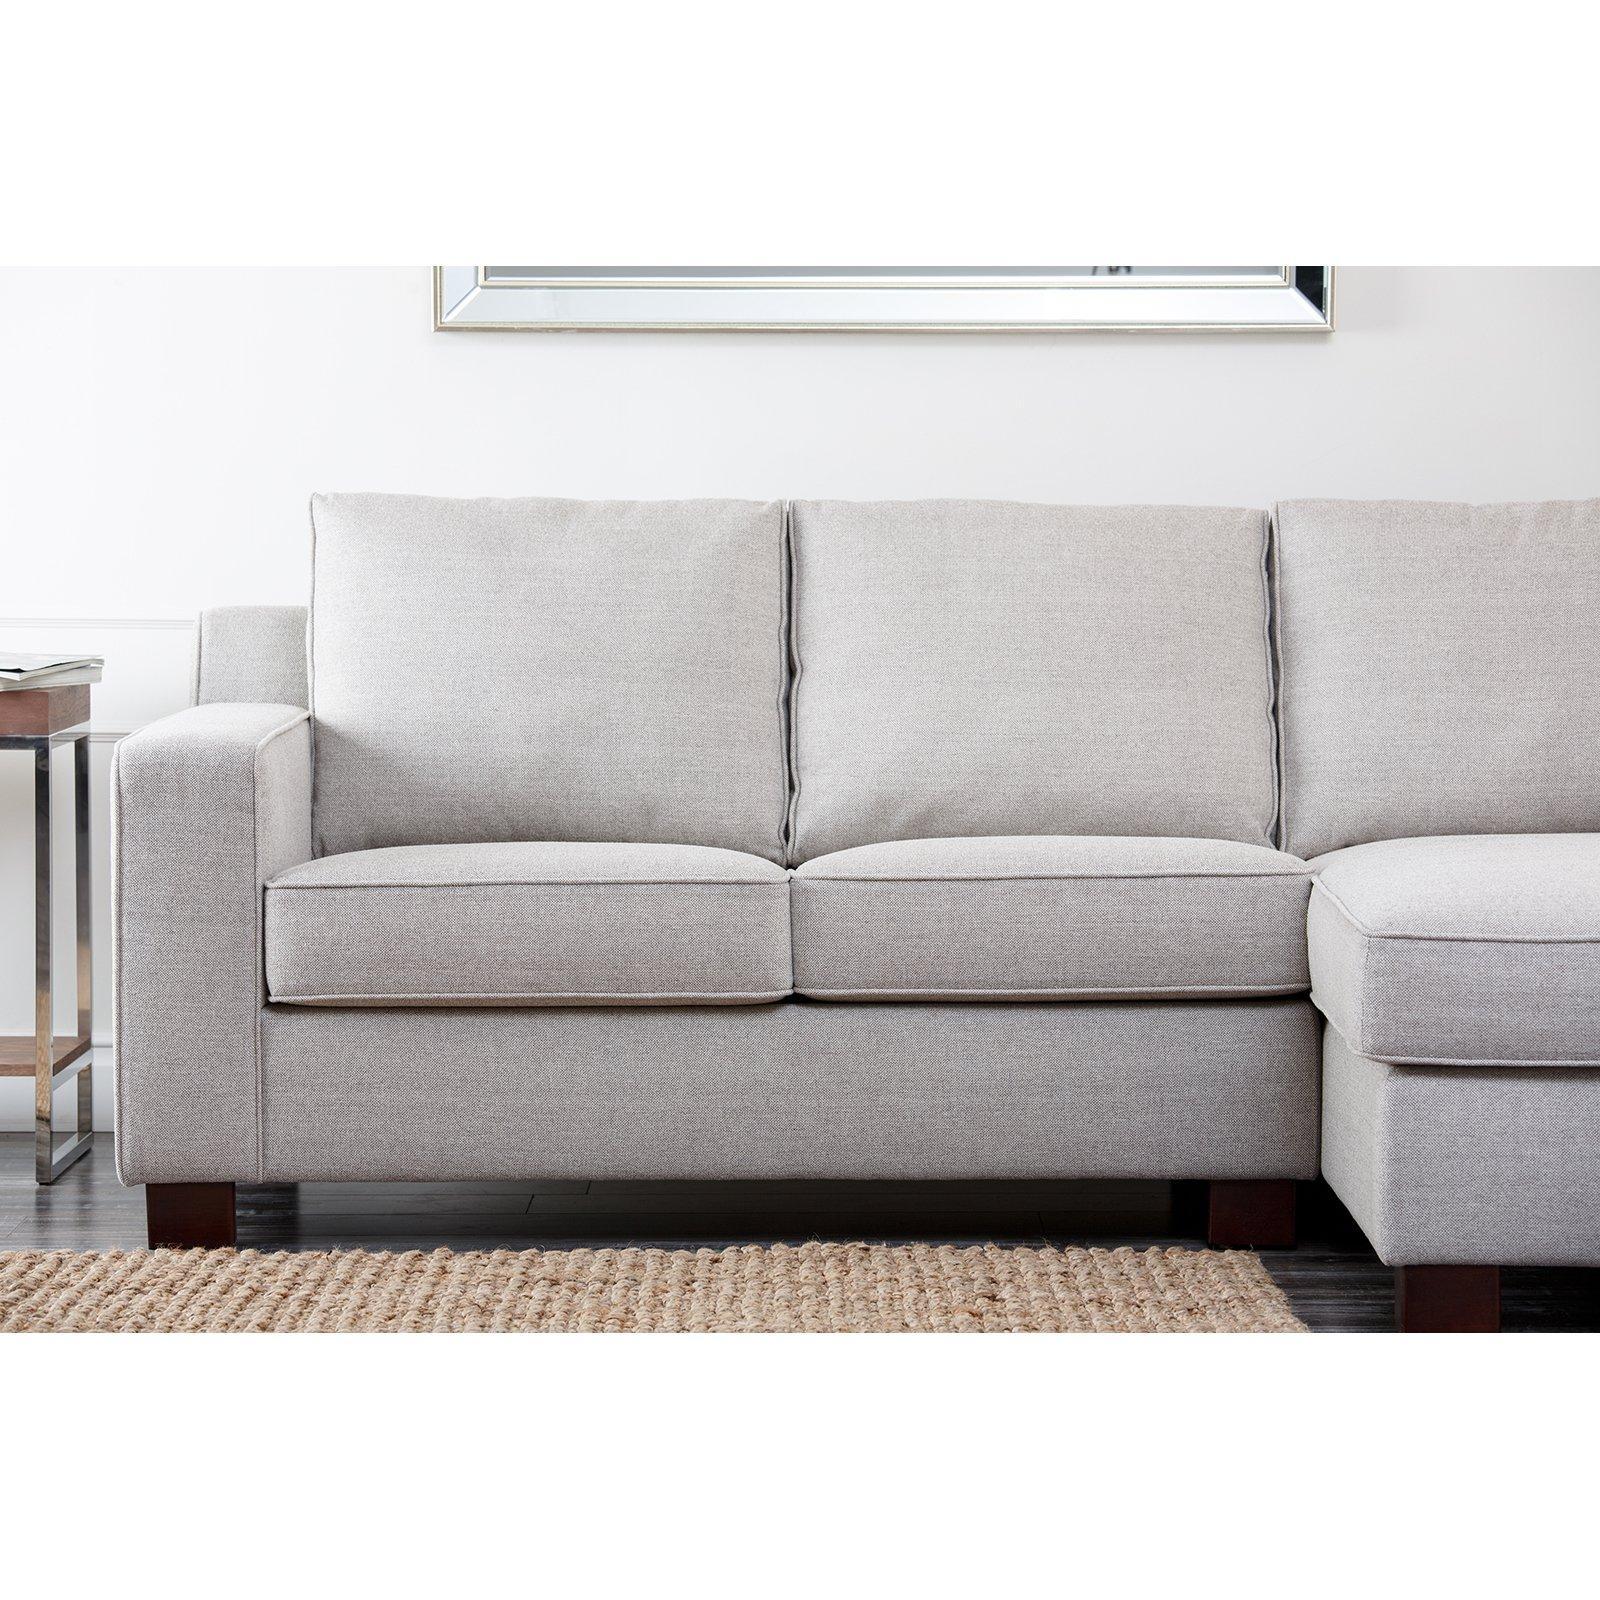 Abbyson Regina Sectional Sofa – Gray | Hayneedle Pertaining To Abbyson Living Sectional Sofas (Image 11 of 20)